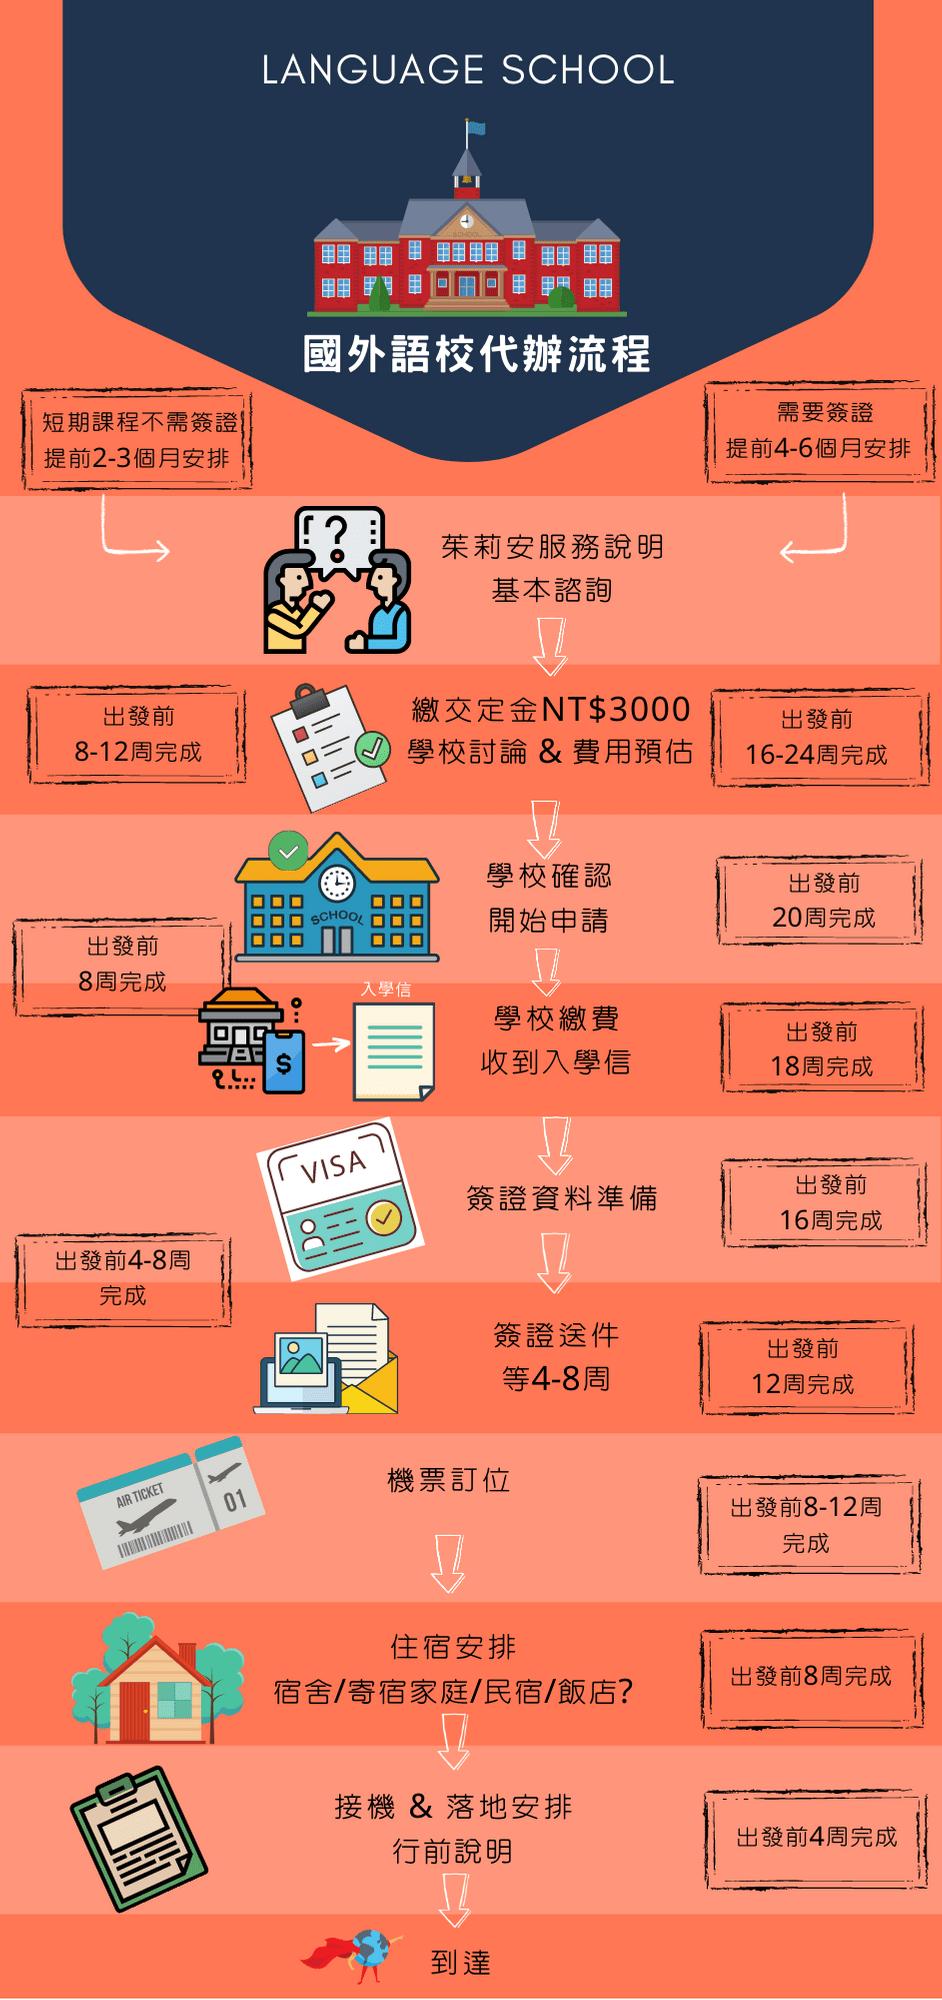 語言學校申請流程